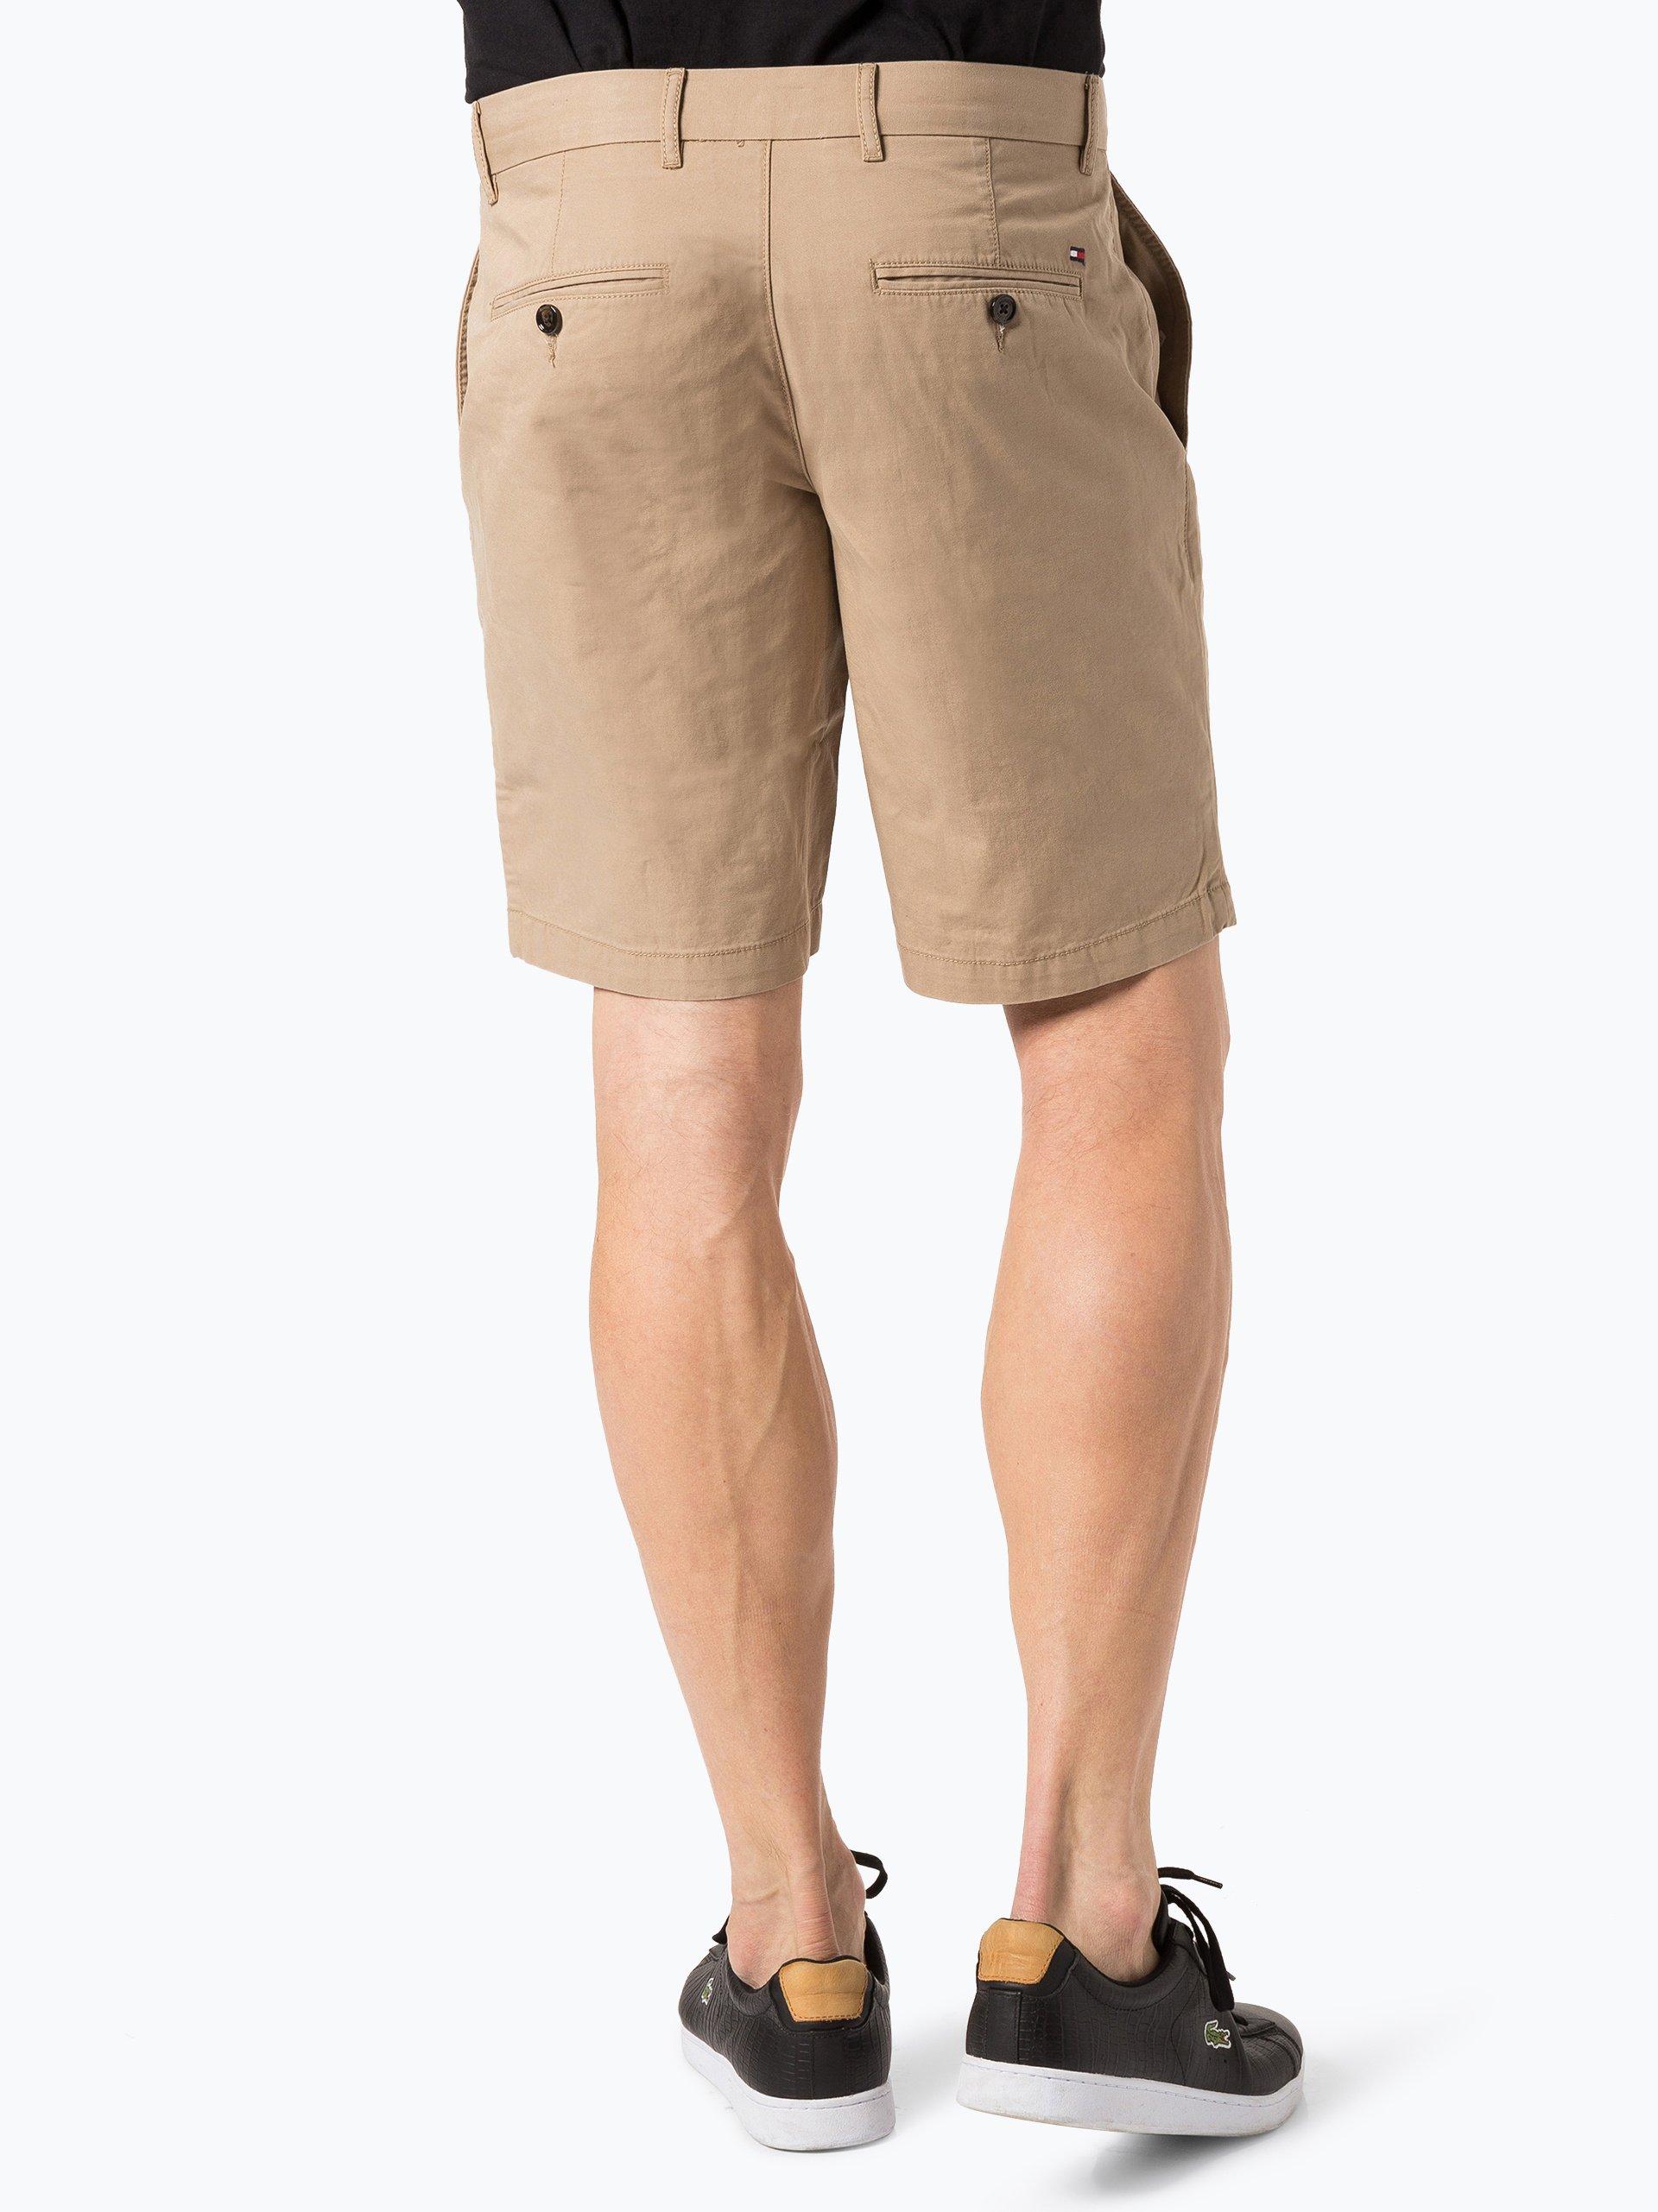 tommy hilfiger herren shorts beige uni online kaufen peek und cloppenburg de. Black Bedroom Furniture Sets. Home Design Ideas